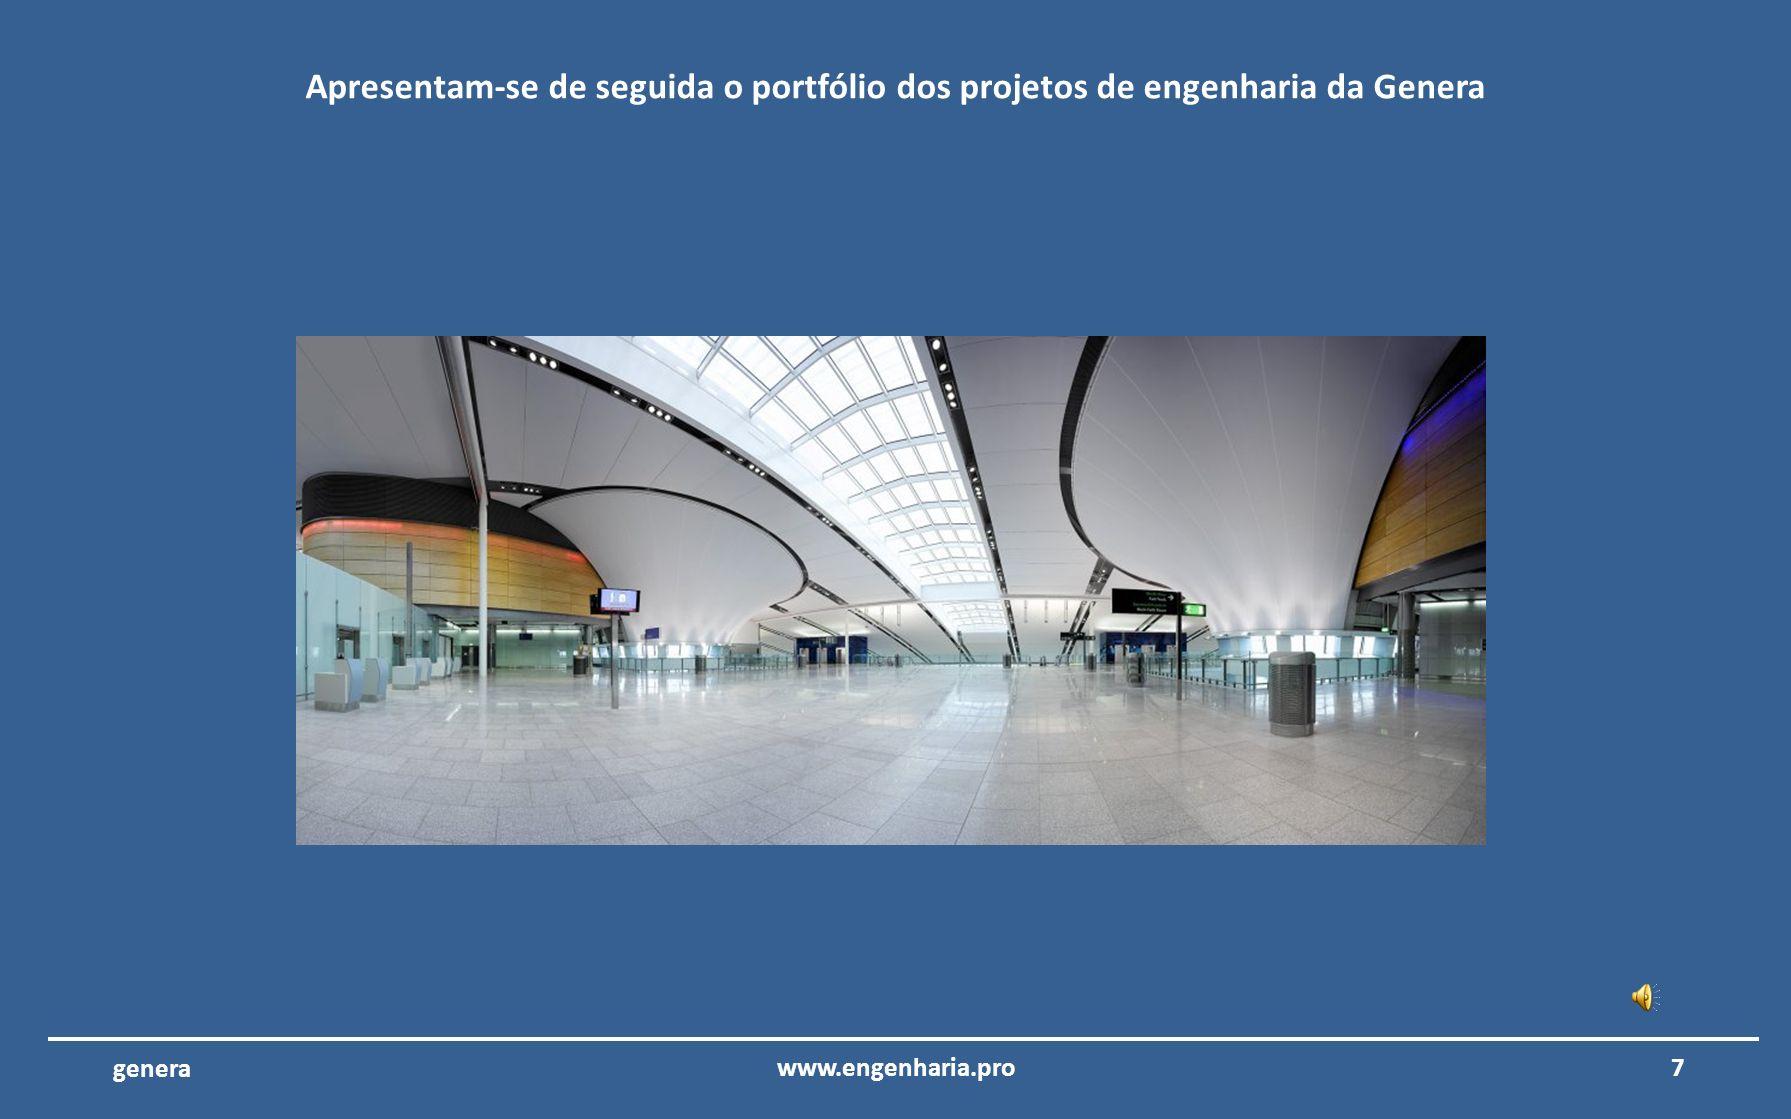 17www.engenharia.pro genera Centro de Broadcast RTP – Lisboa – Portugal Consultoria e revisão dos projetos de engenharia do centro de Broadcast Internacional da Rádio e Televisão de Portugal.